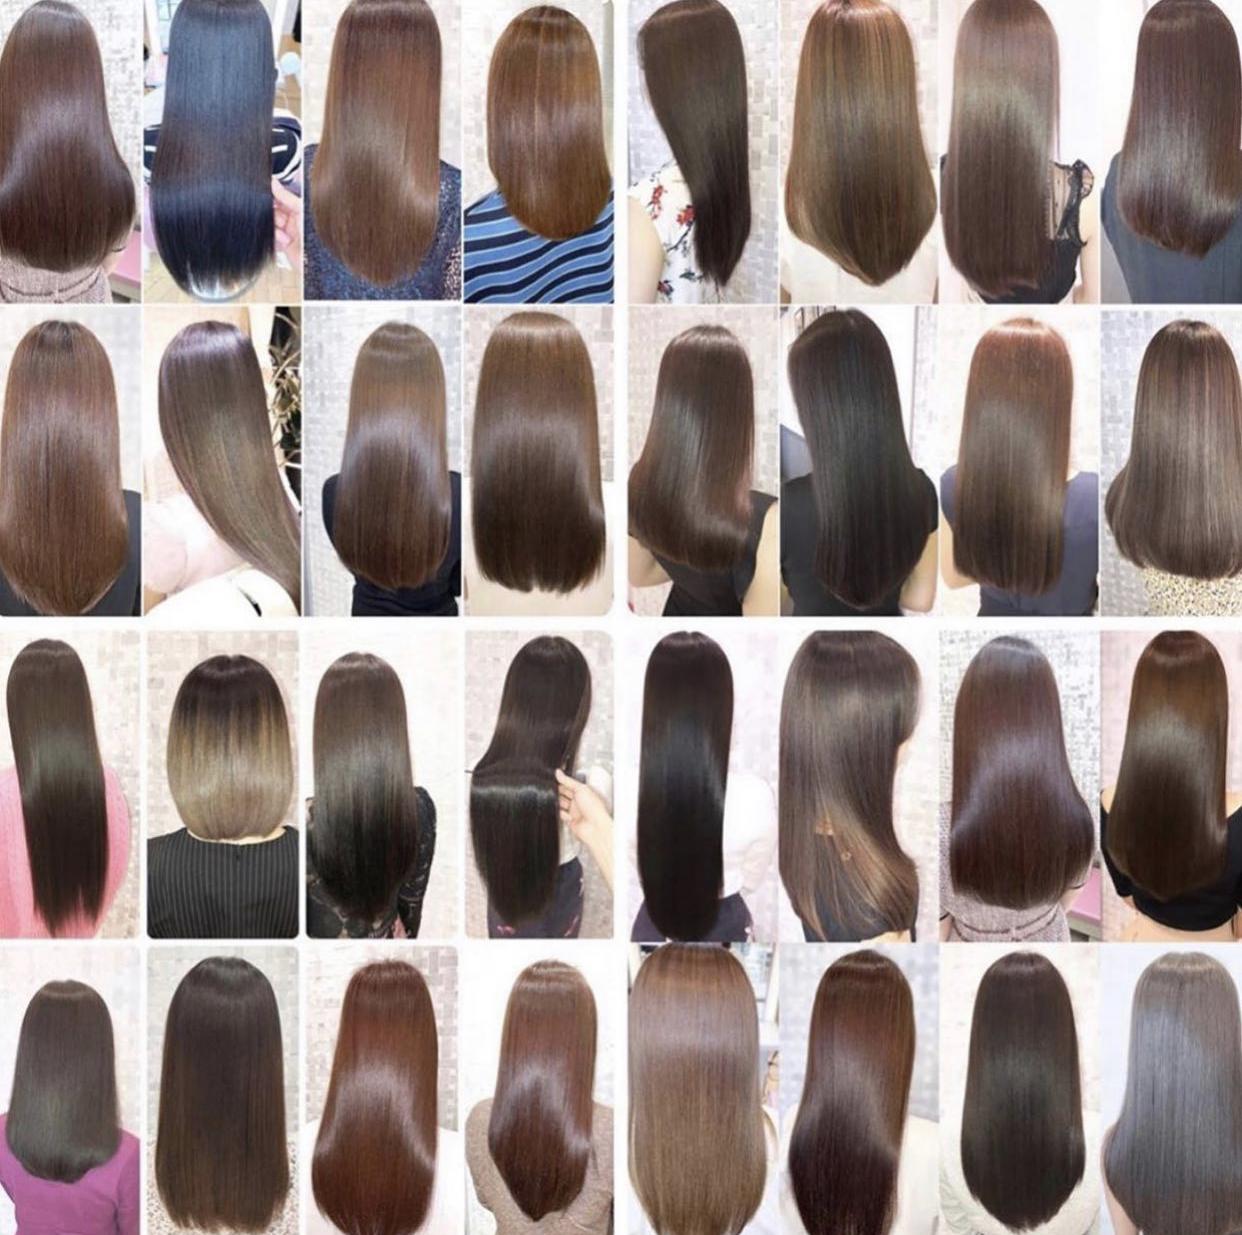 茅ヶ崎で受けられる「日本一の美髪トリートメント&髪質改善」